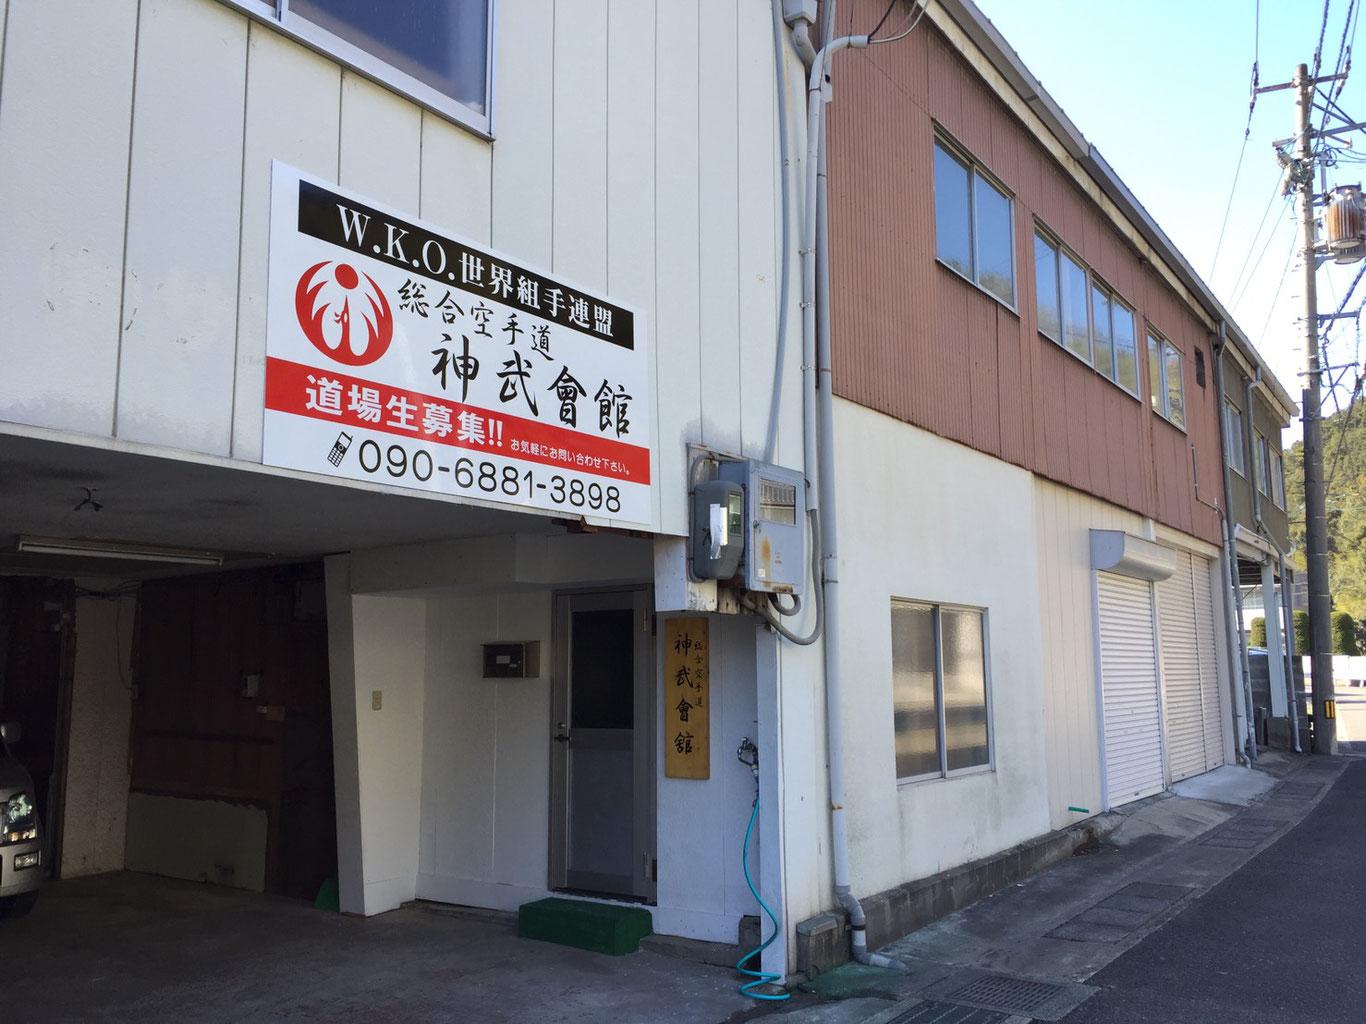 ◇富田道場◇強く、優しく 美しく!無料体験・見学  随時受付中!